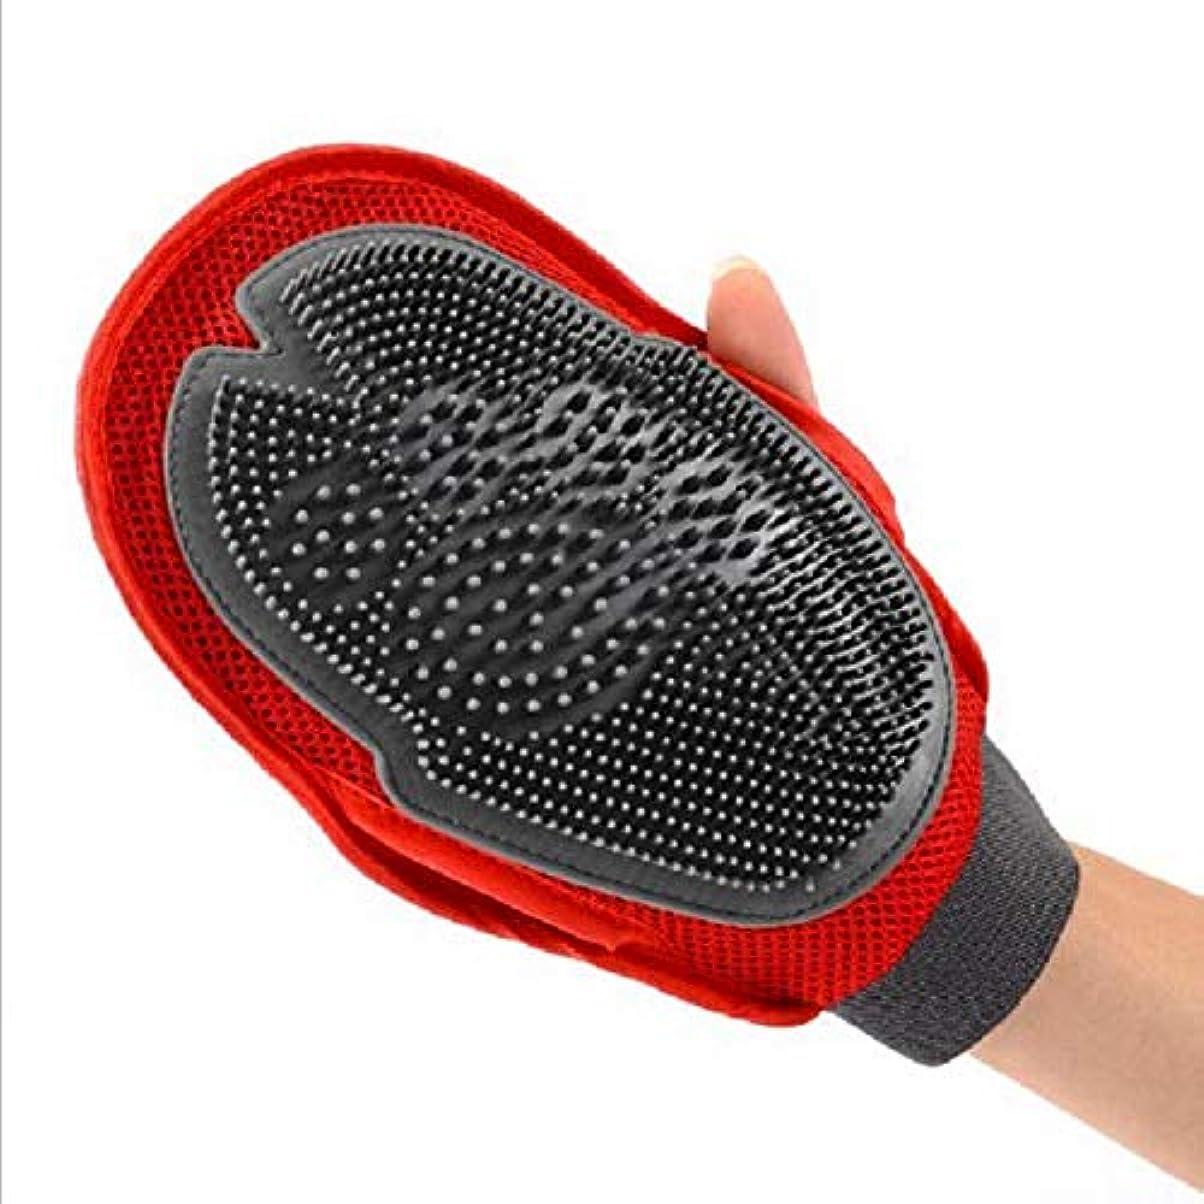 寛大な商品不均一BTXXYJP 手袋 ペット ブラシ 猫 ブラシ グローブ 耐摩耗 クリーナー 抜け毛取り マッサージブラシ 犬 グローブ お手入れ (Color : Red, Size : L)